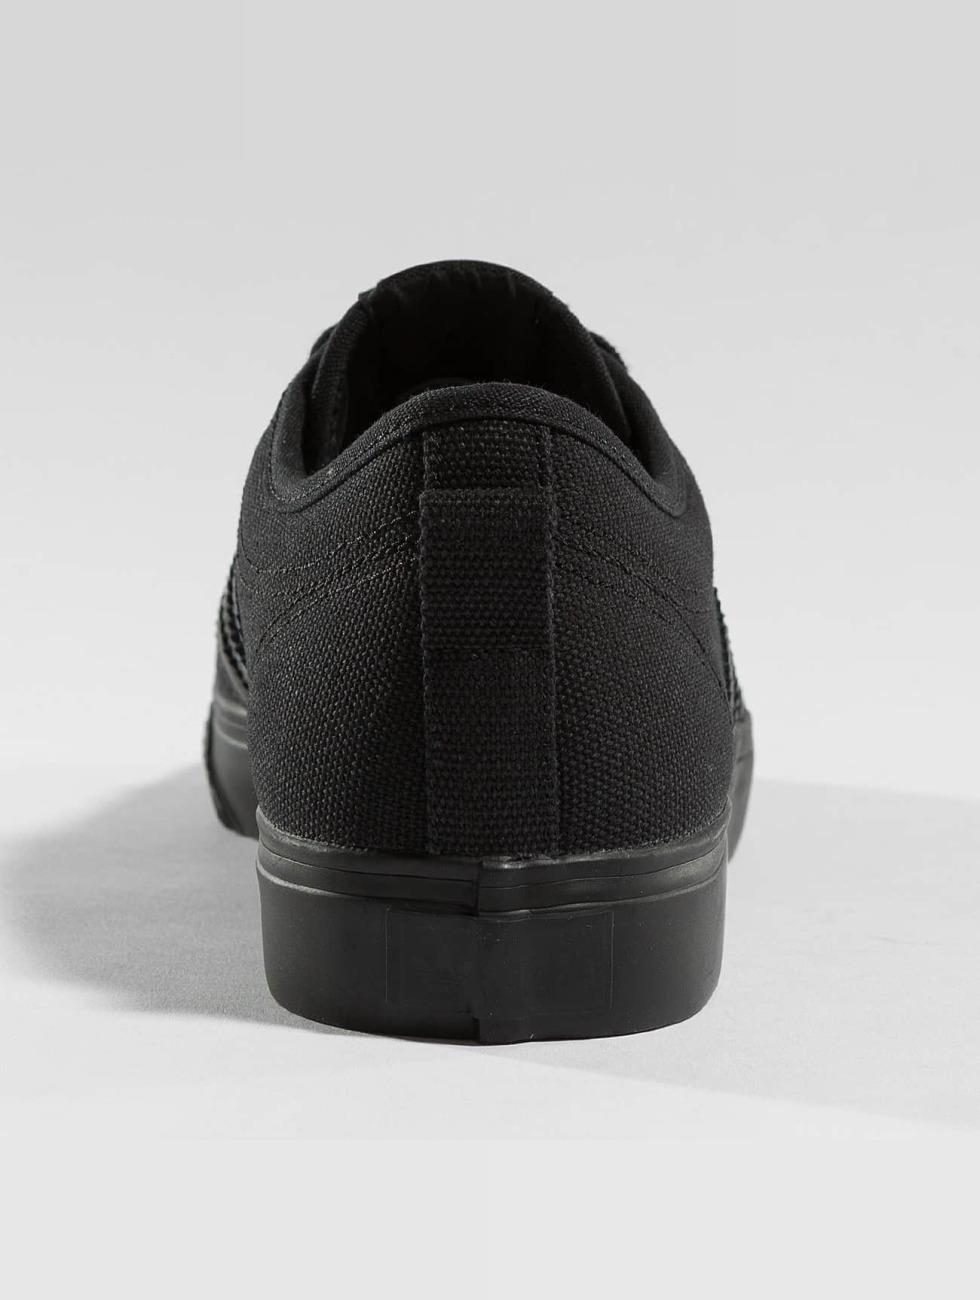 Adidas Originals Chaussures / Baskets En Noir Nizza 437 007 PROMOS dernier Livraison Gratuite Ebay Vente Discount Pas Cher Qualité Supérieure Vente En Ligne 4HF4Ohn